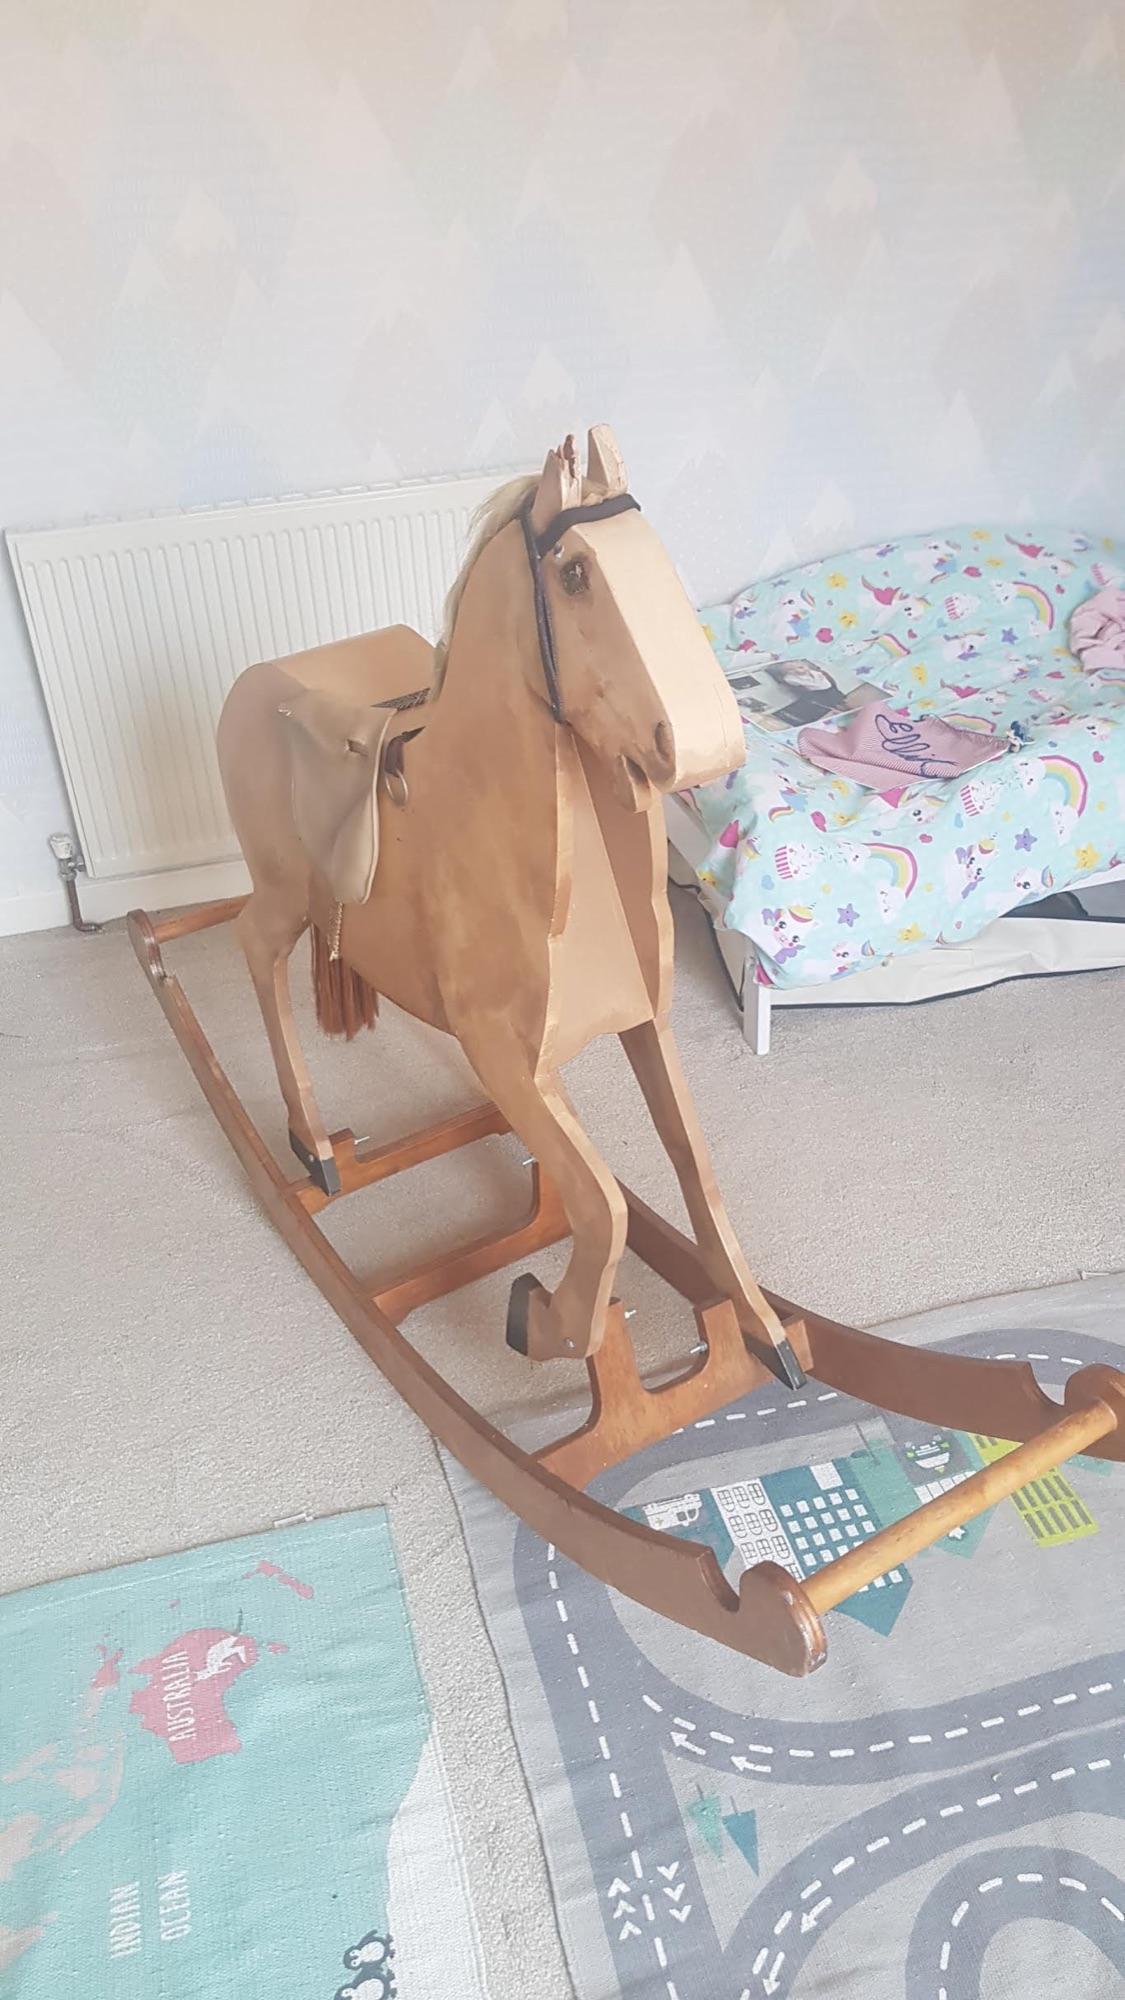 Vintage wooden children's rocking for sale